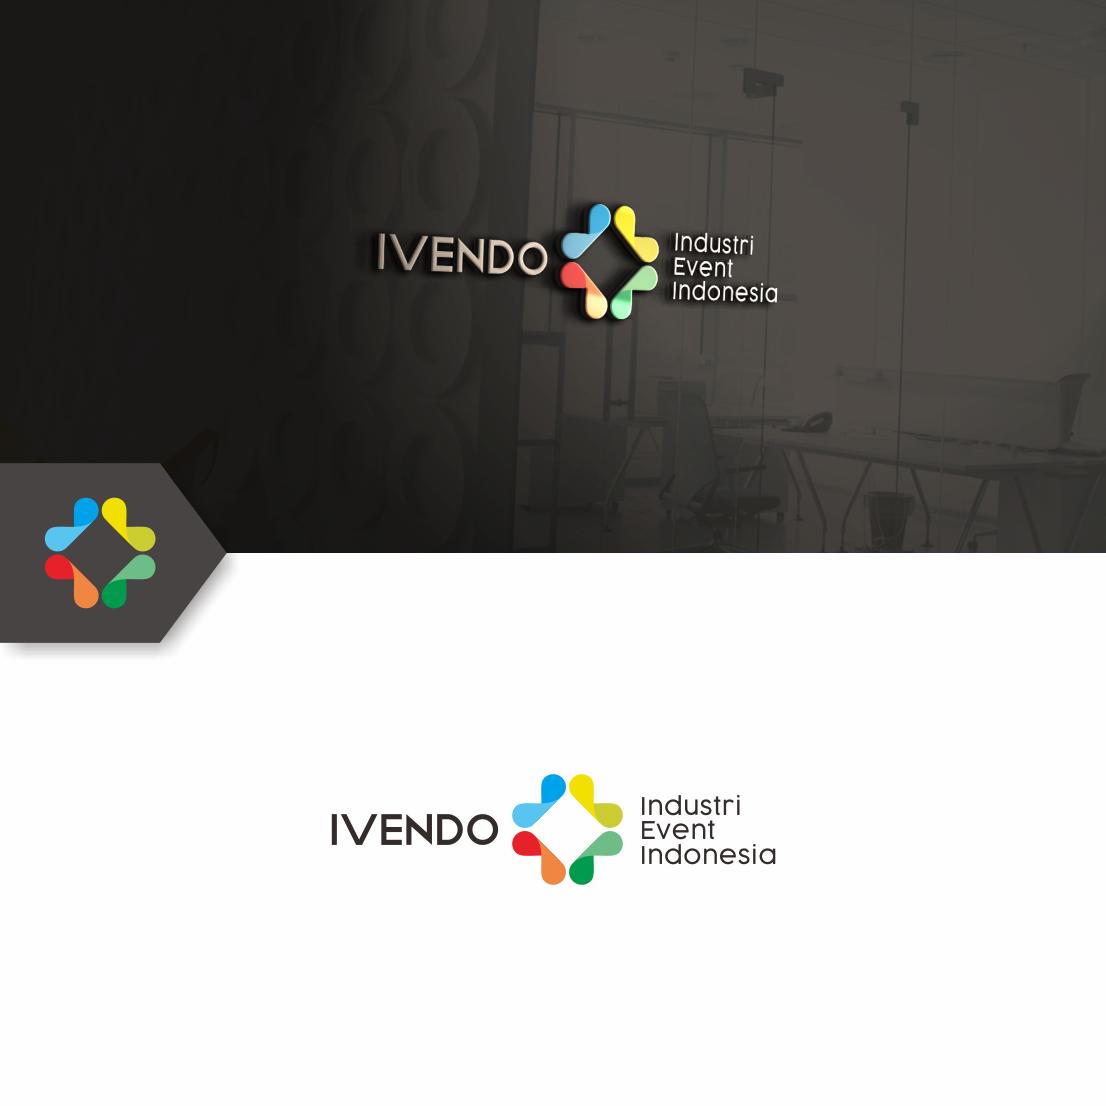 Startup Jasa Desain: Jasa Pembuatan Desain Logo Komunitas Terbaik